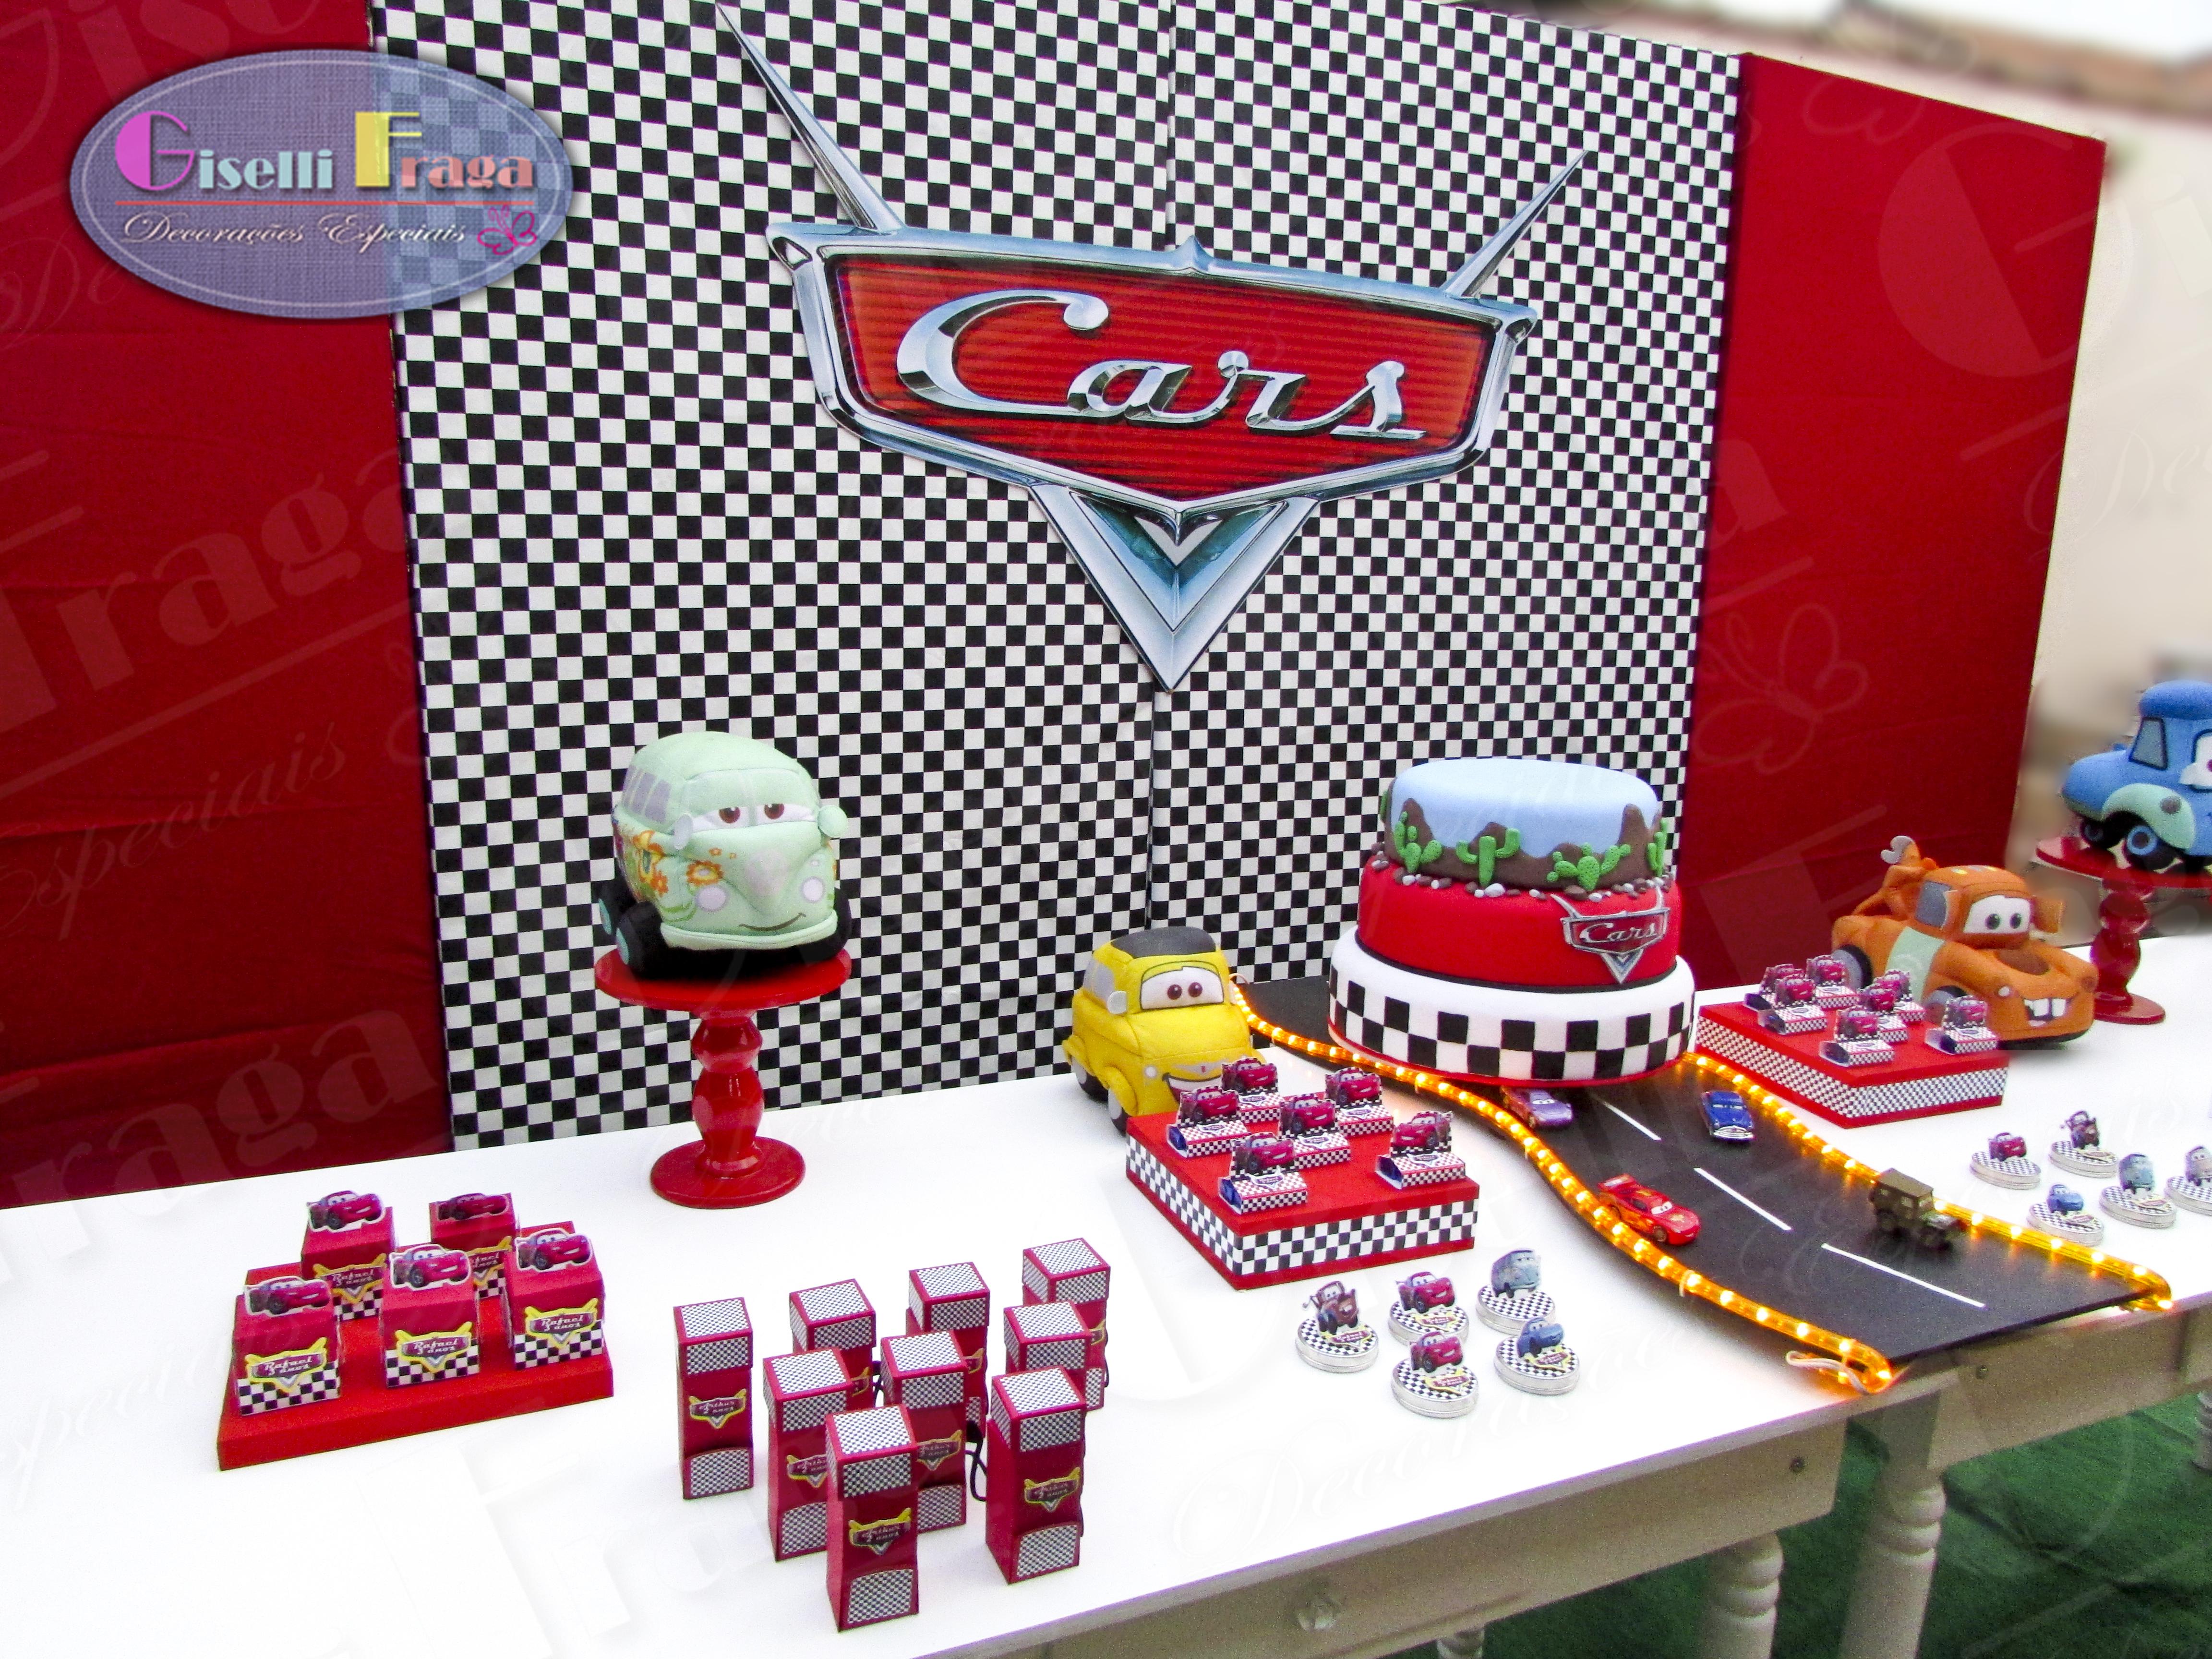 Aluguel de Decoração  Festa Carros  Giselli Fraga  Decorações Especiais